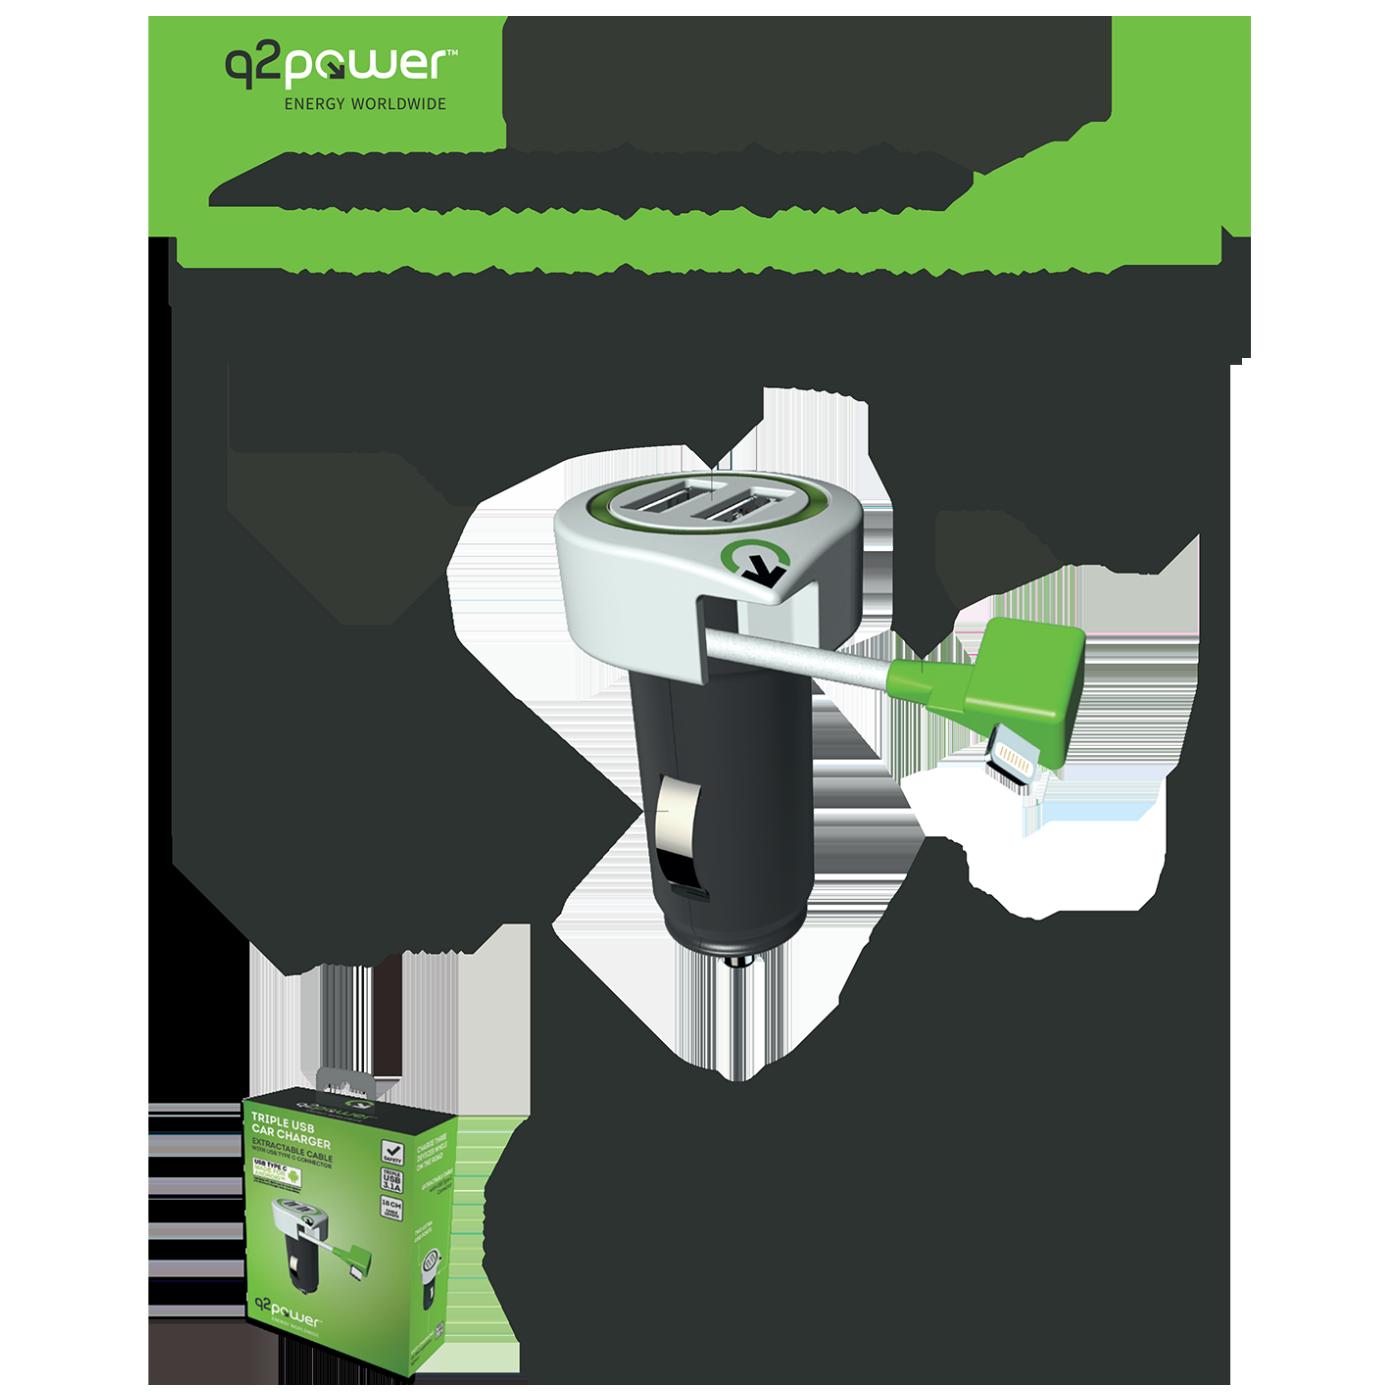 Auto punjač, Dual USB, 3.1A, lightning konektor